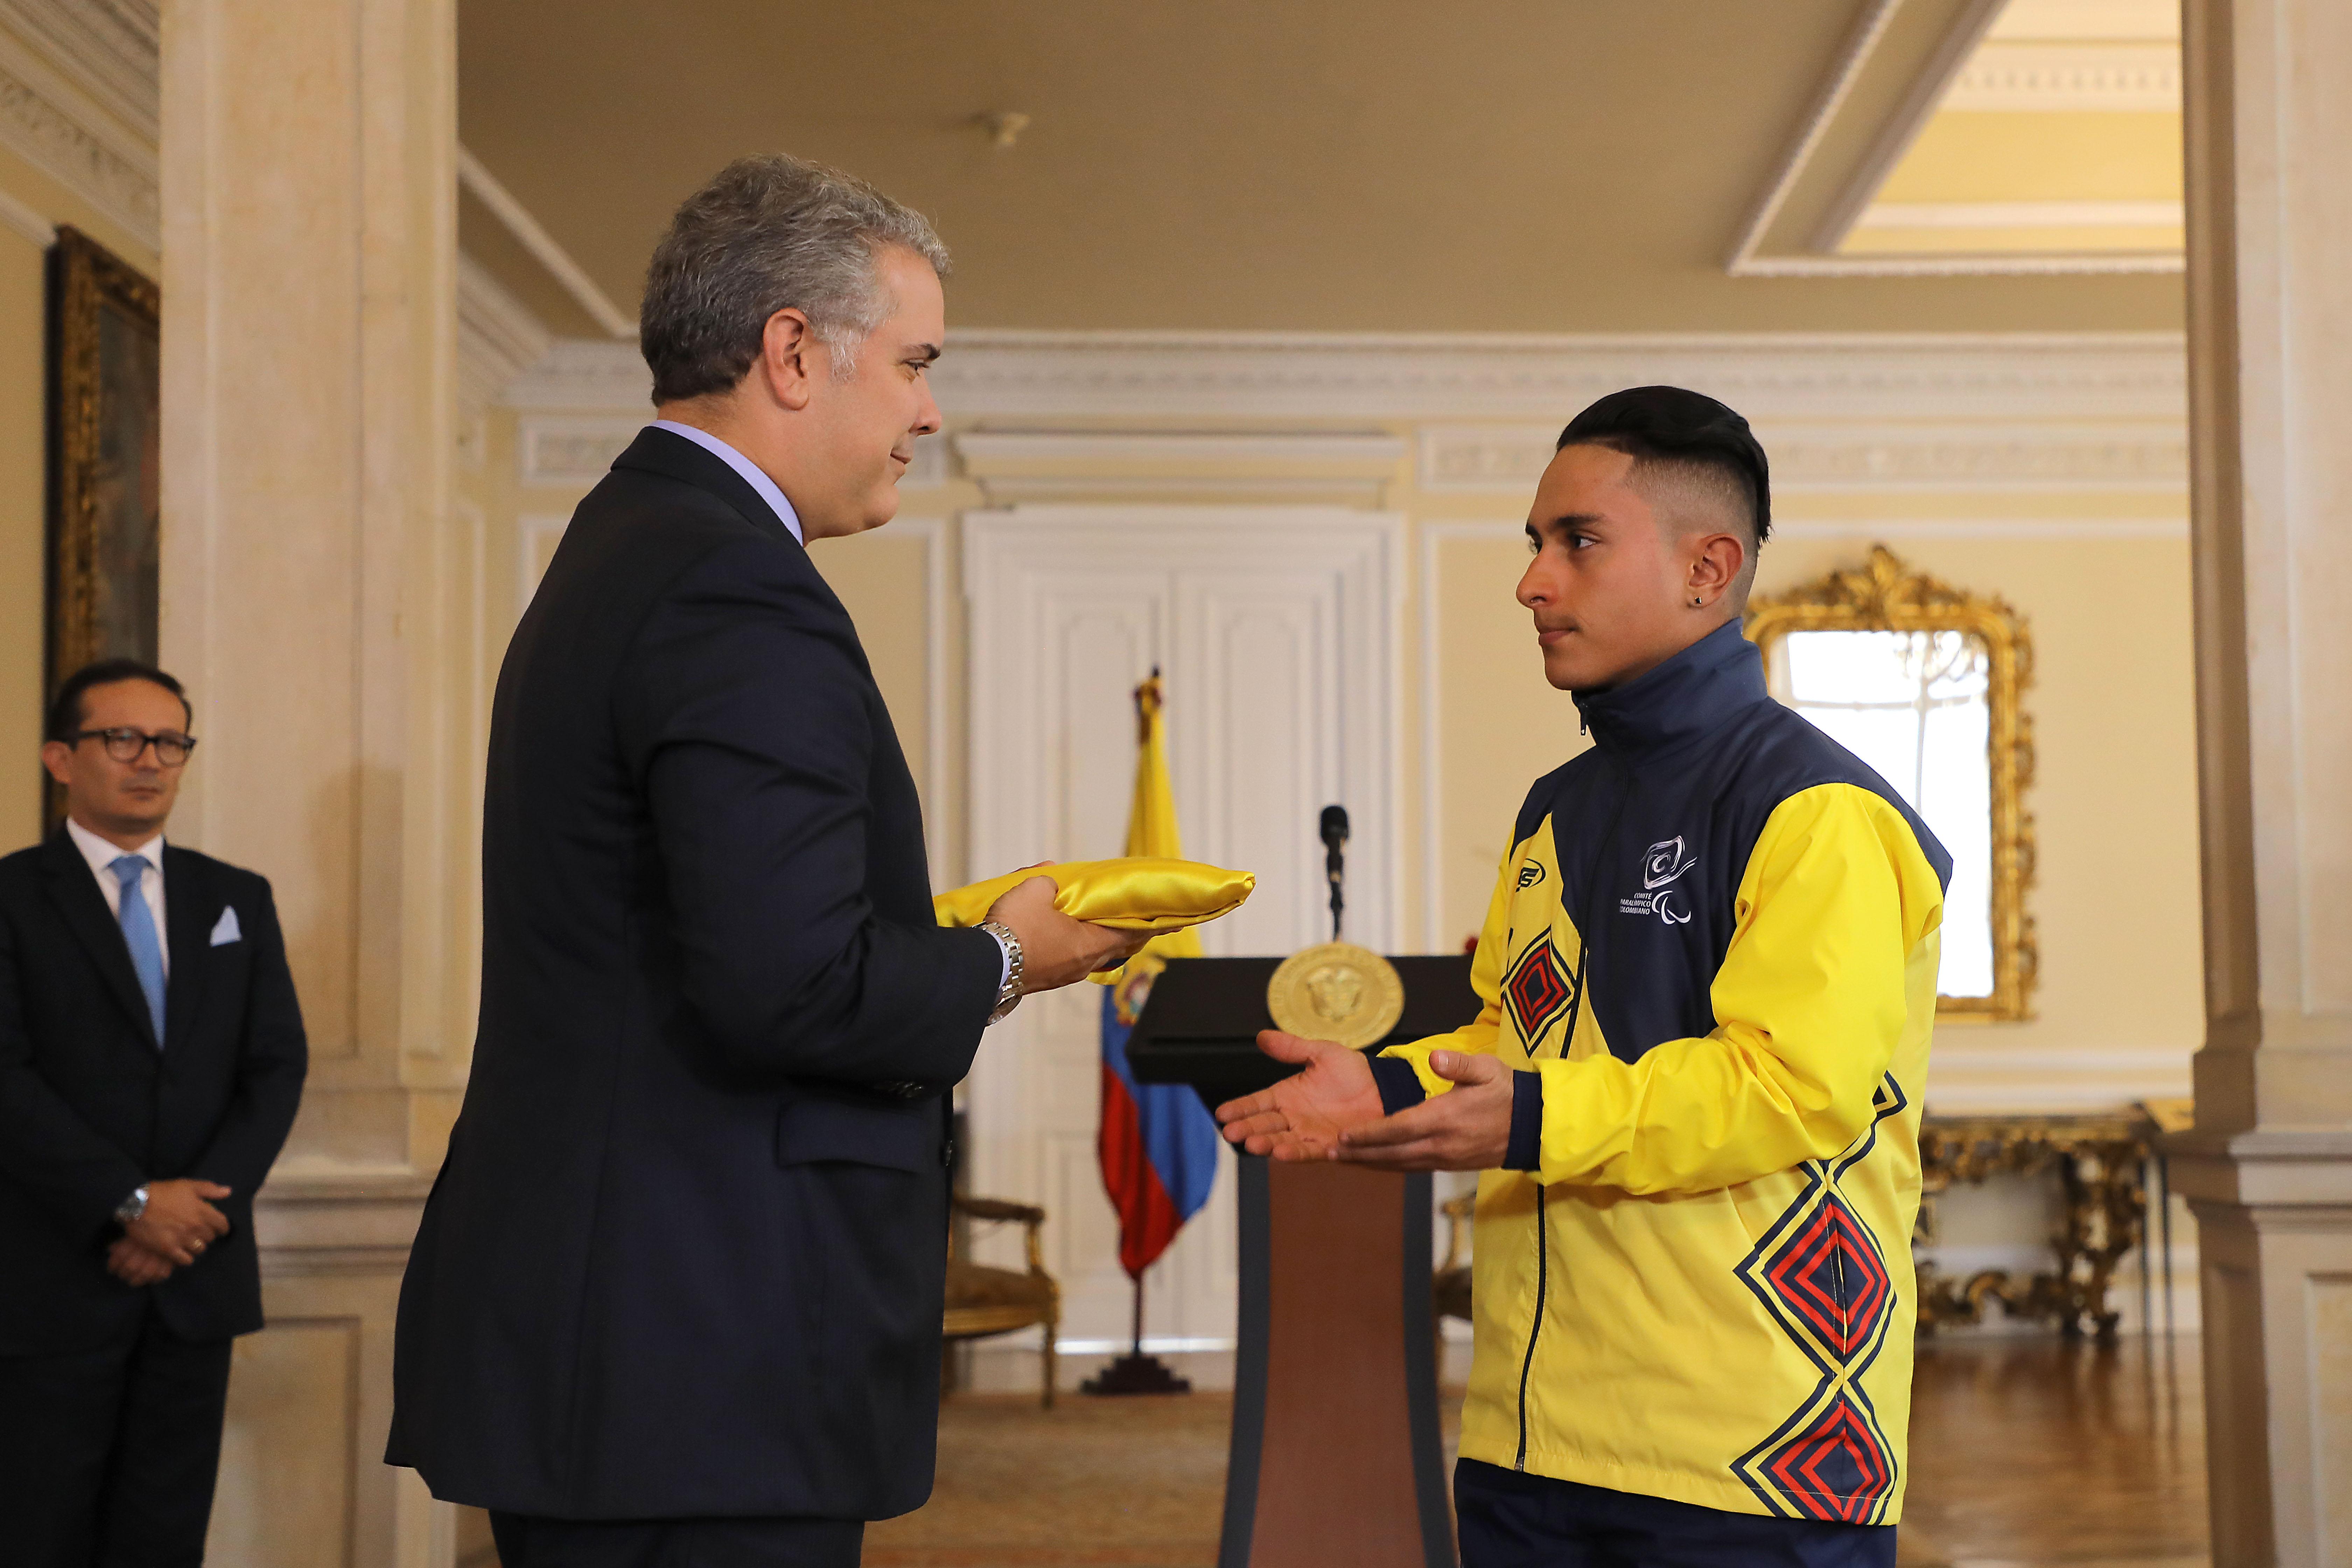 Presidente Duque y Alejandro Perea, campeón mundial de paracycling.